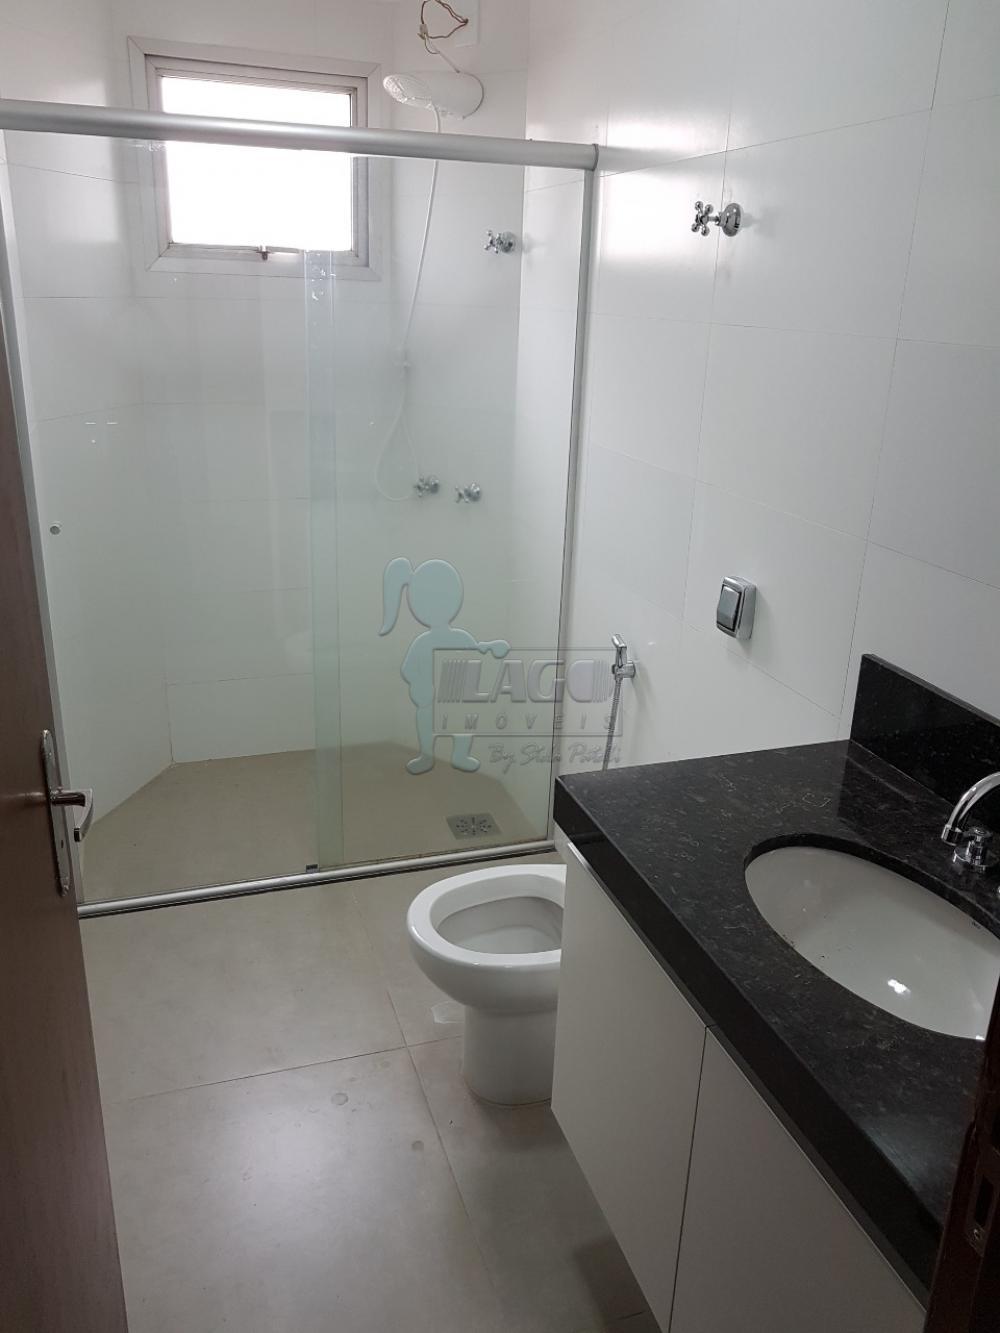 Comprar Apartamento / Padrão em Ribeirão Preto apenas R$ 295.000,00 - Foto 13